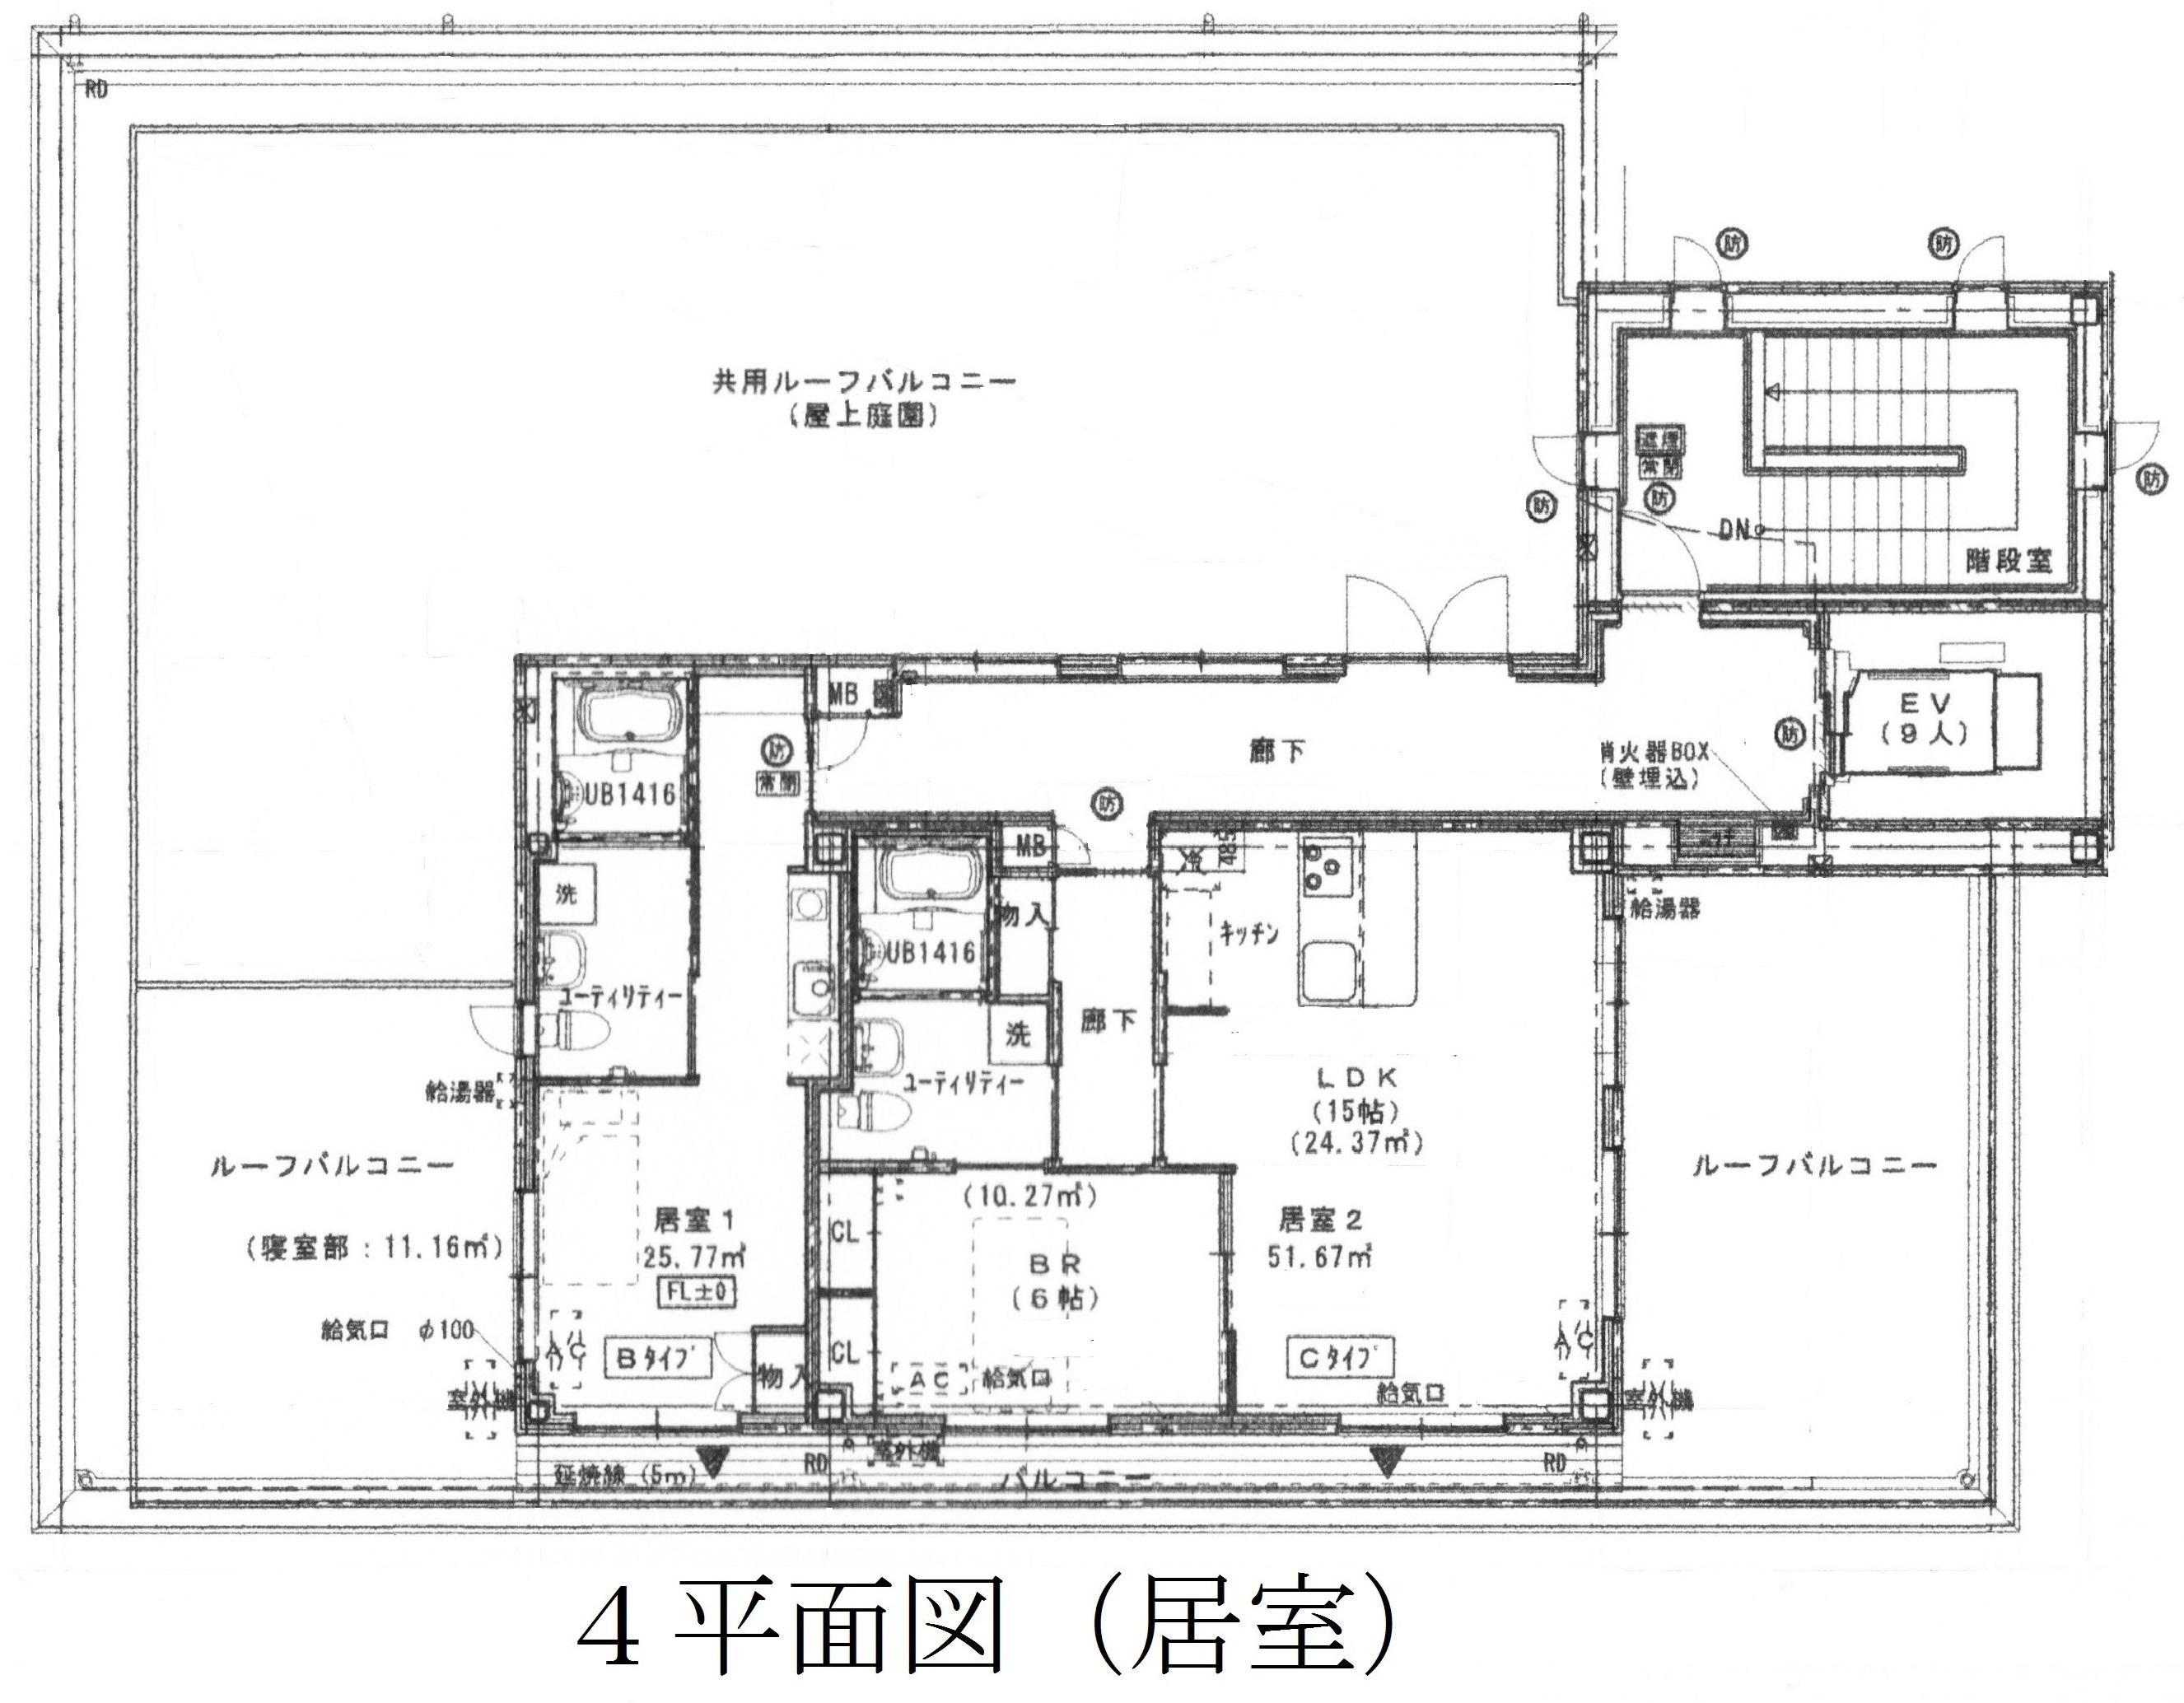 平面図-4階  ホームページ用-2